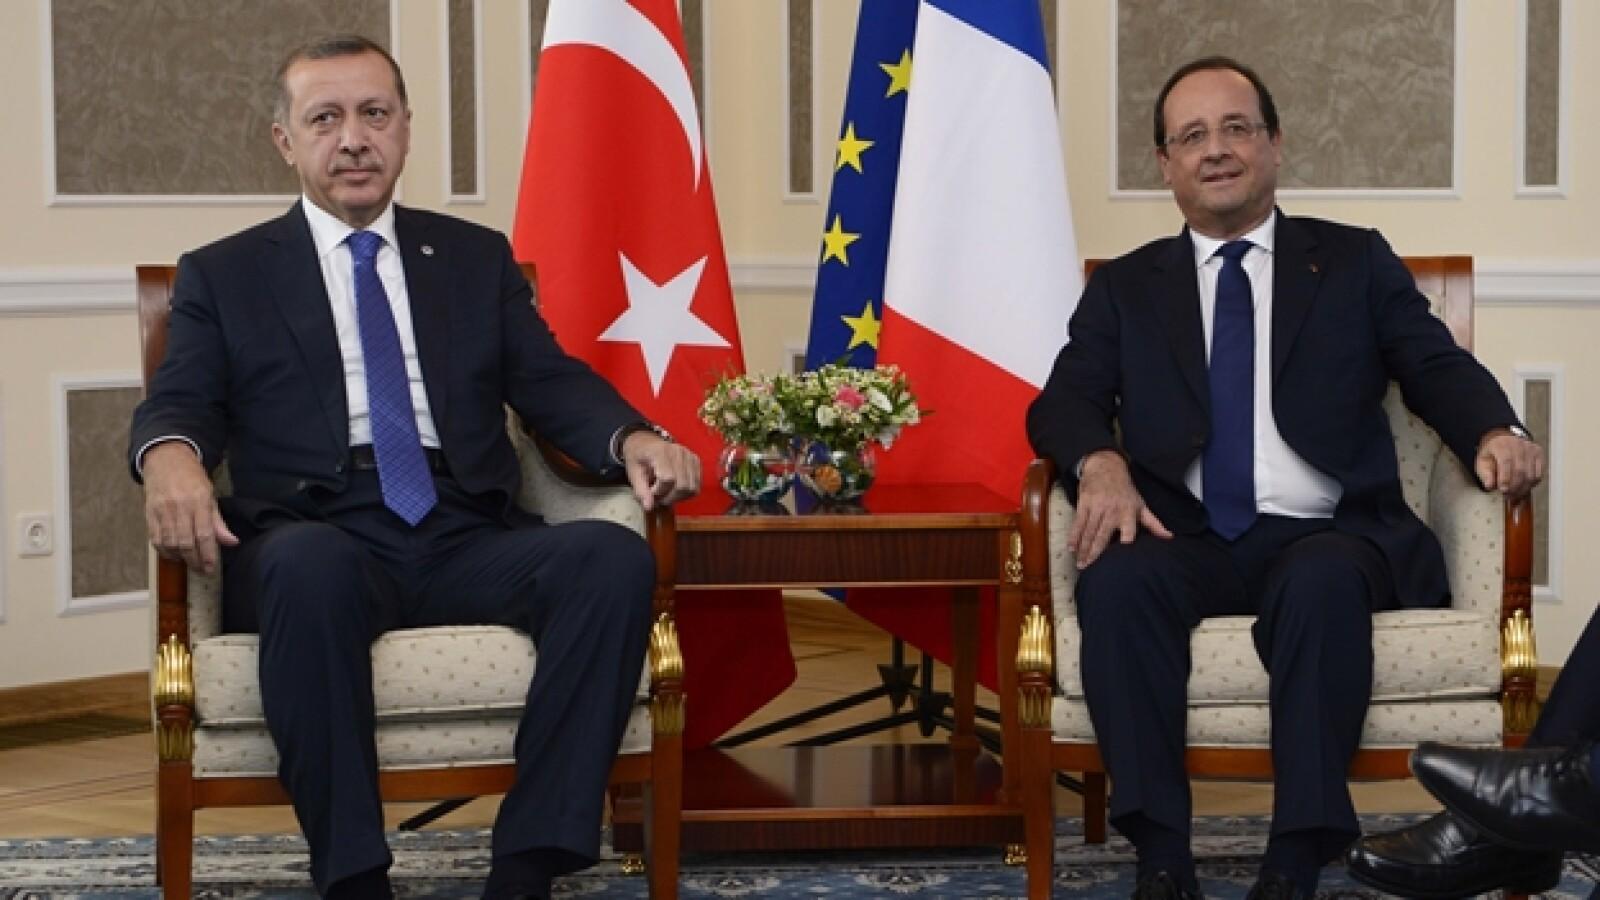 recep tayyip, primer ministro de turquia y el presidente de francia, francois hollande